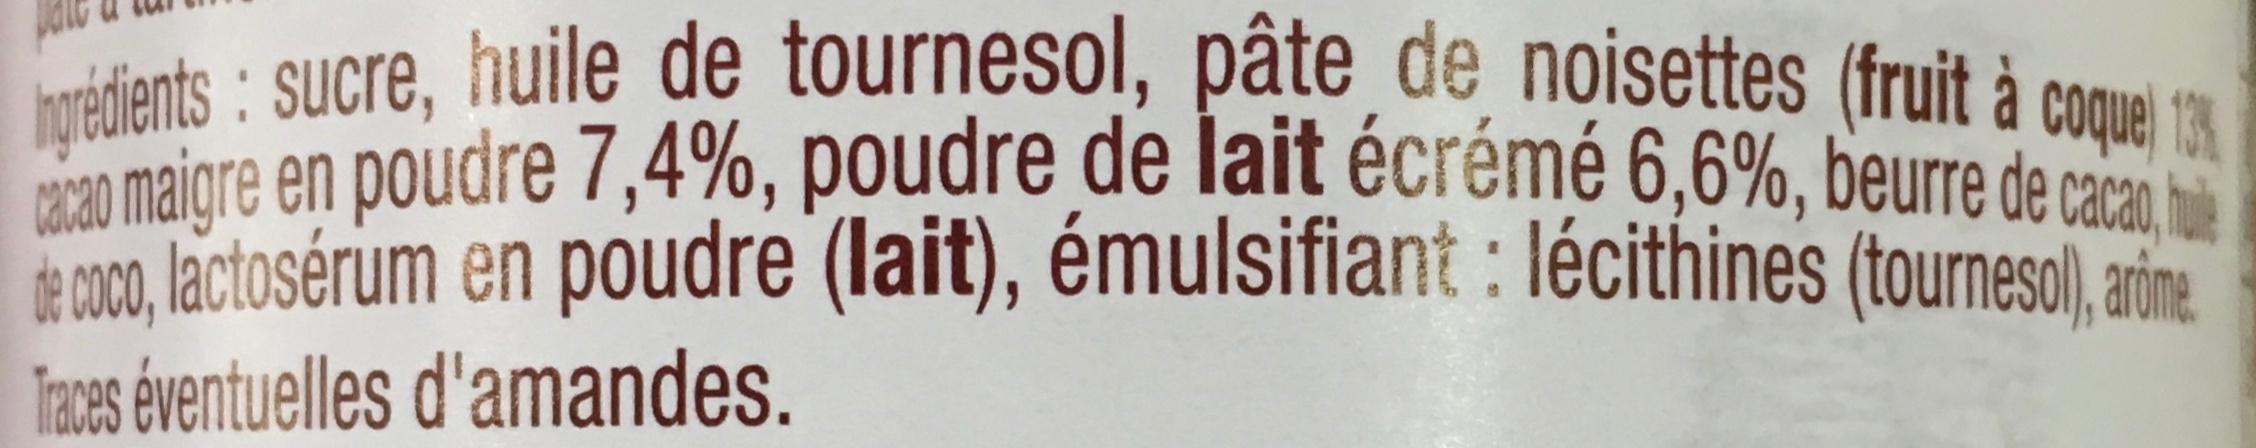 Pâte à tartiner aux noisettes et au lait écrémé - Ingredients